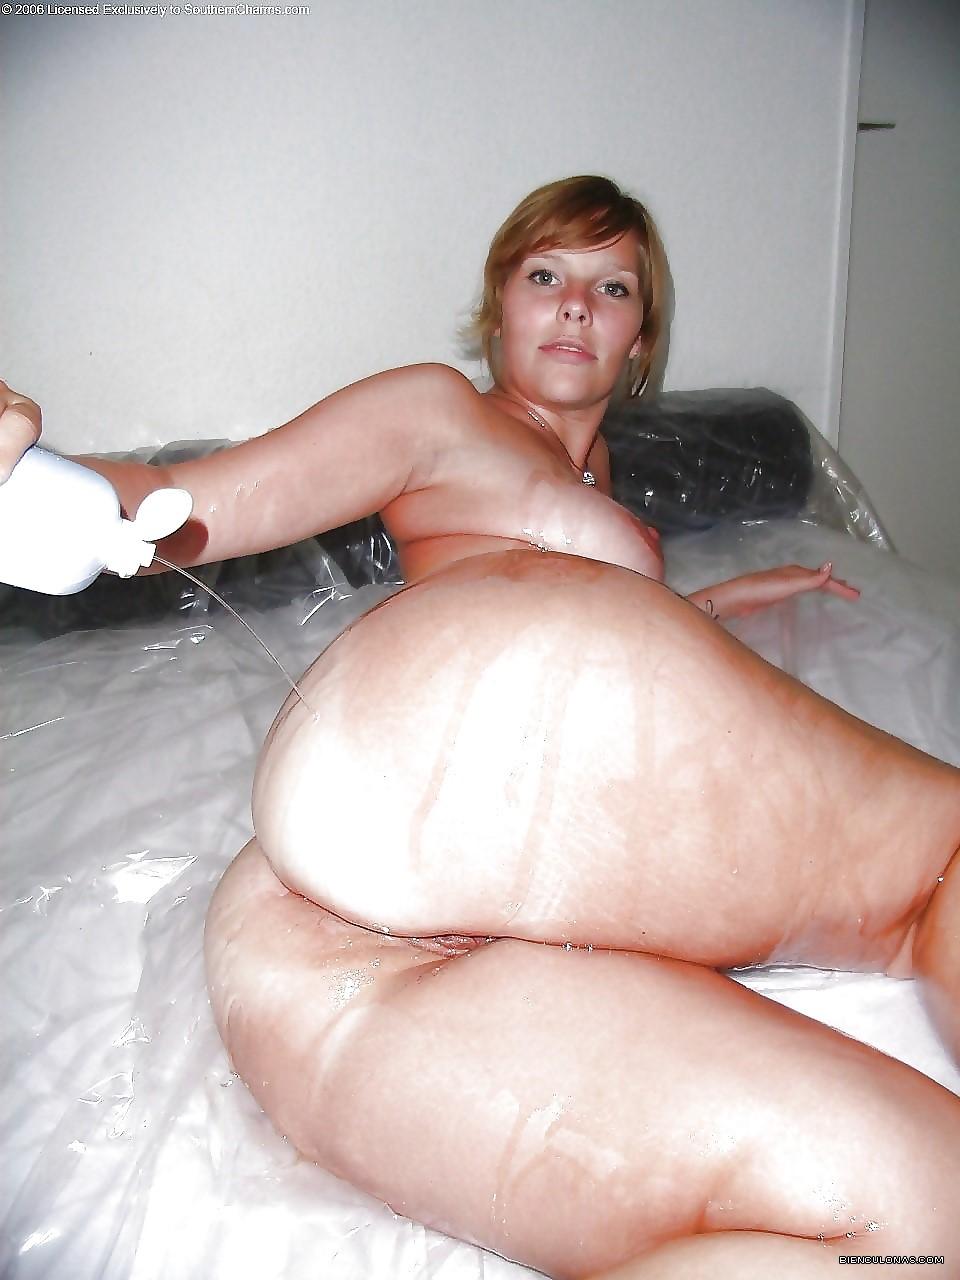 Chica con grande culo y tetas - 2 part 2